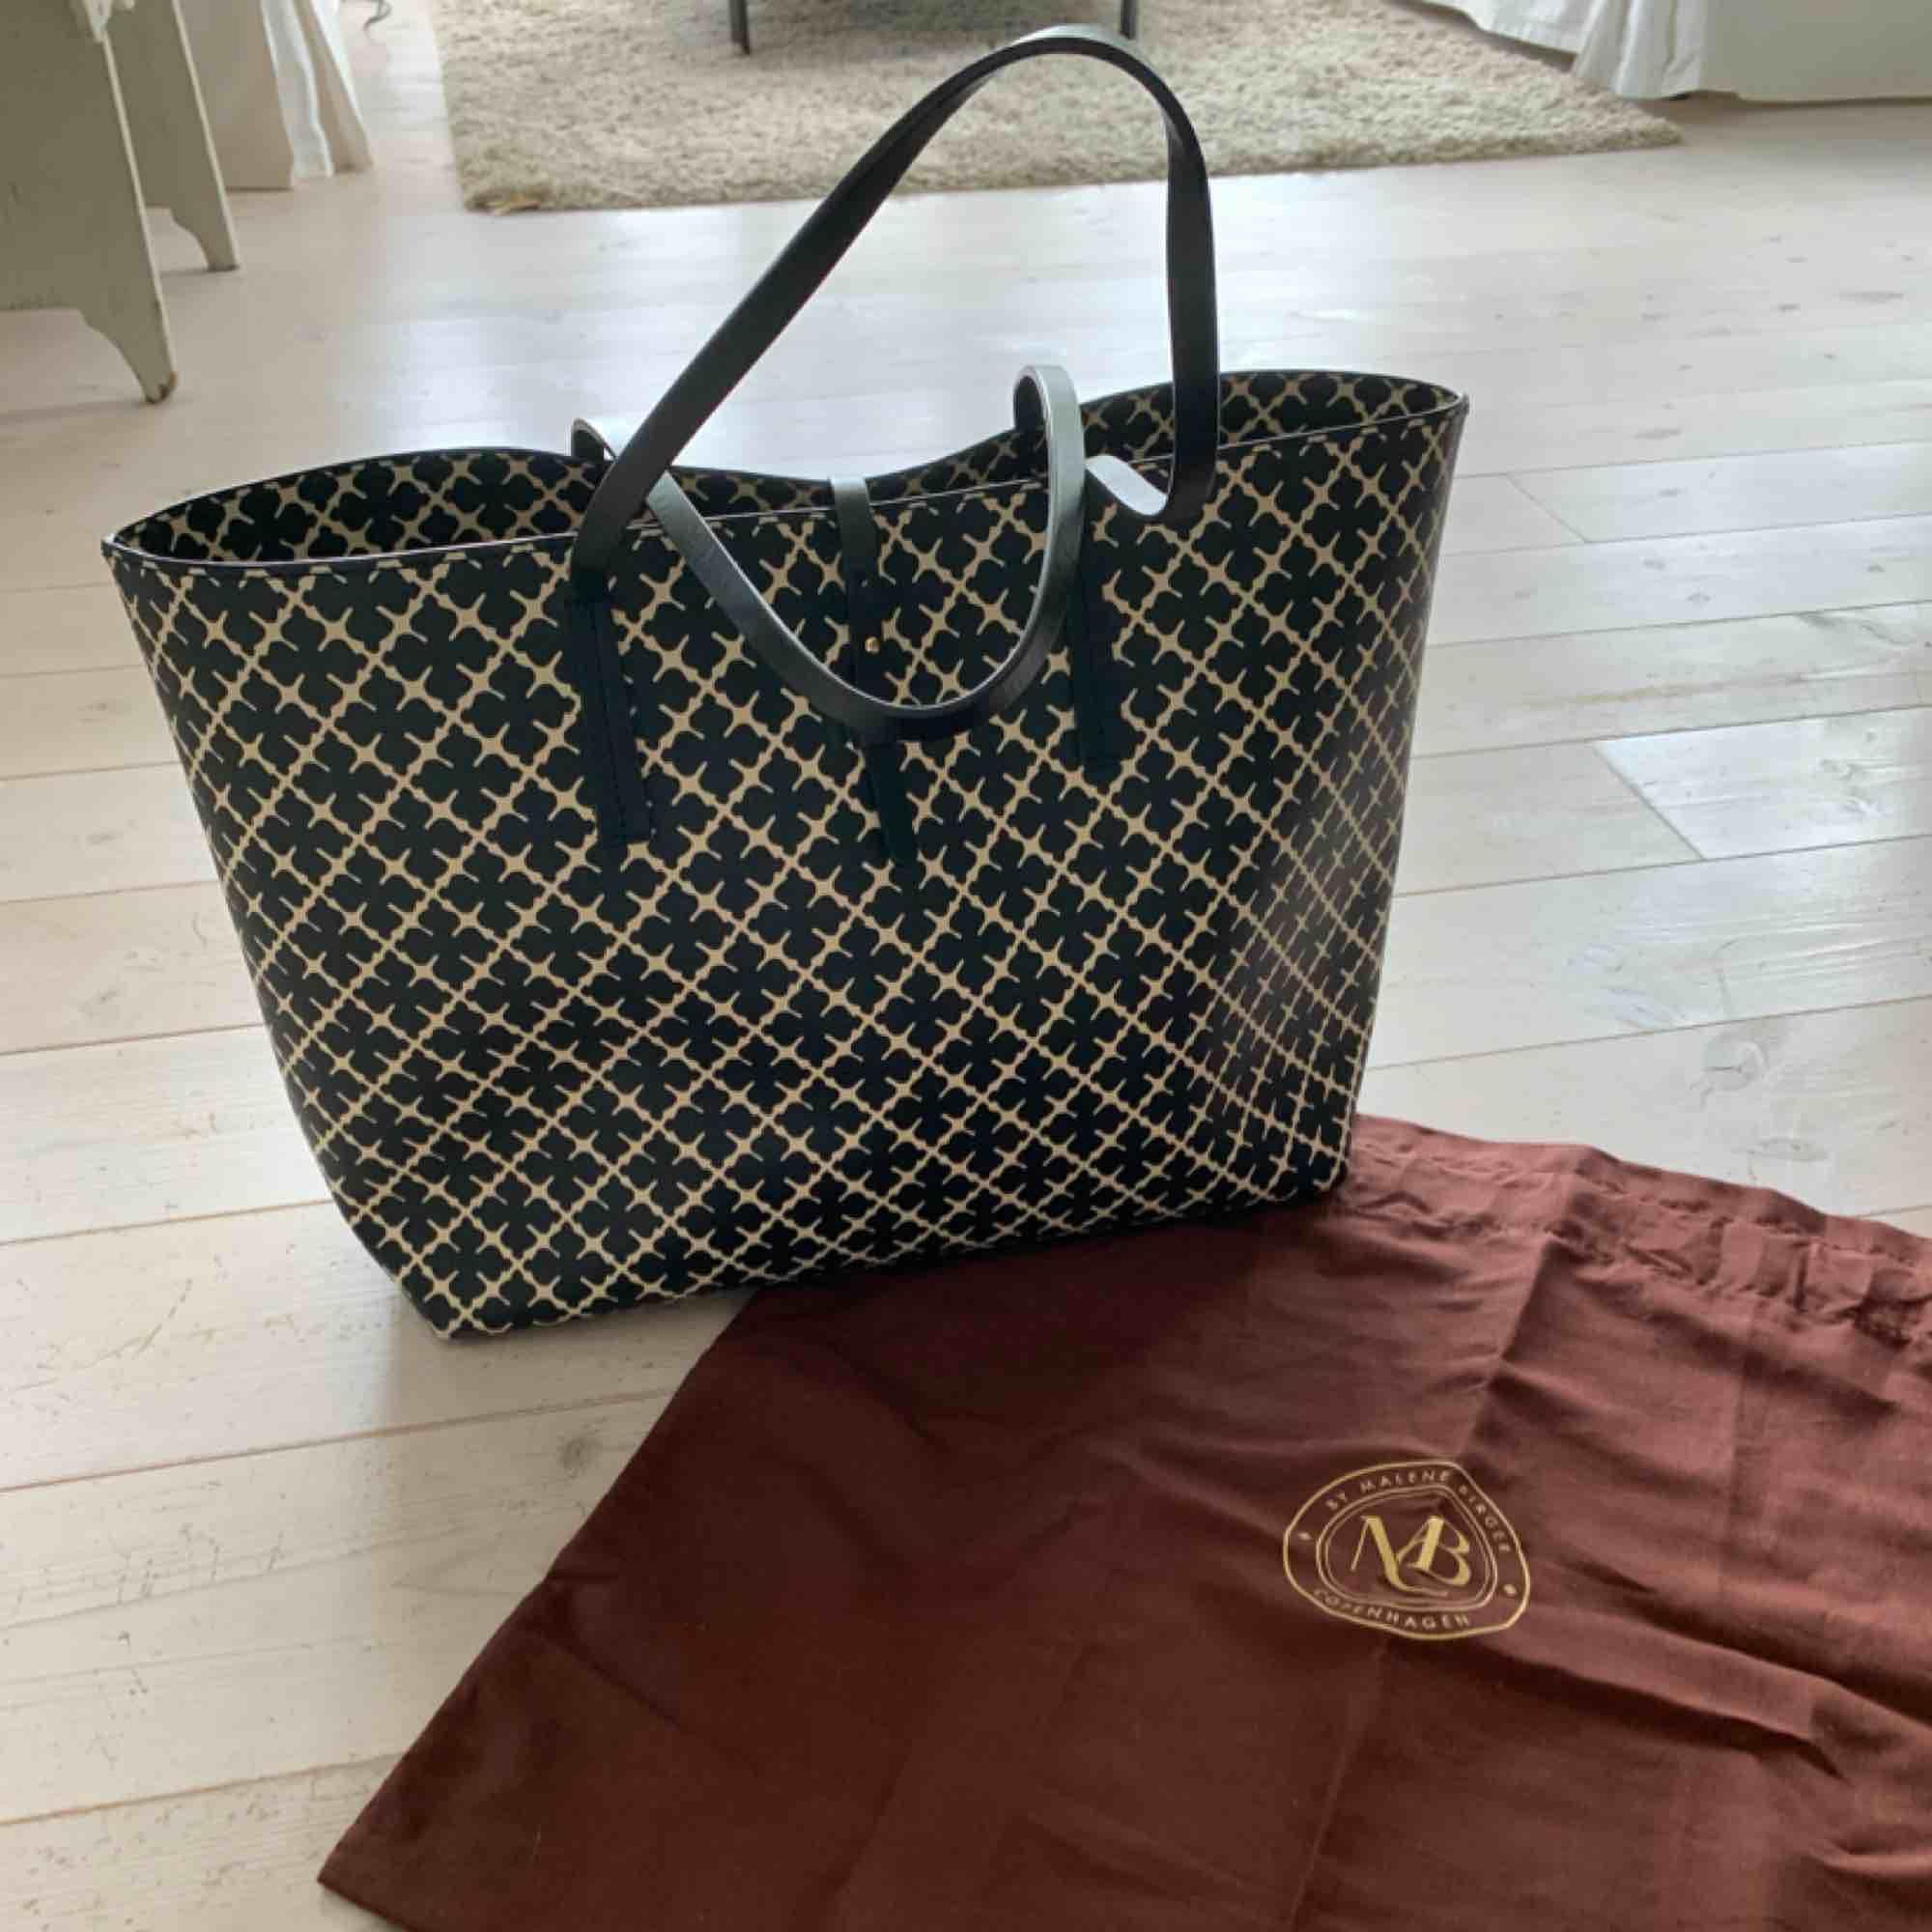 Malene Birger shopper väska, använt ett fåtal gånger. Utmärkt skick. Tillhörande clutch medföljer samt väskans dustbag.  48x28cm Nypris: 2300kr. Priset kan diskuteras vid snabb affär!! Frakten kostar 140kr . Väskor.